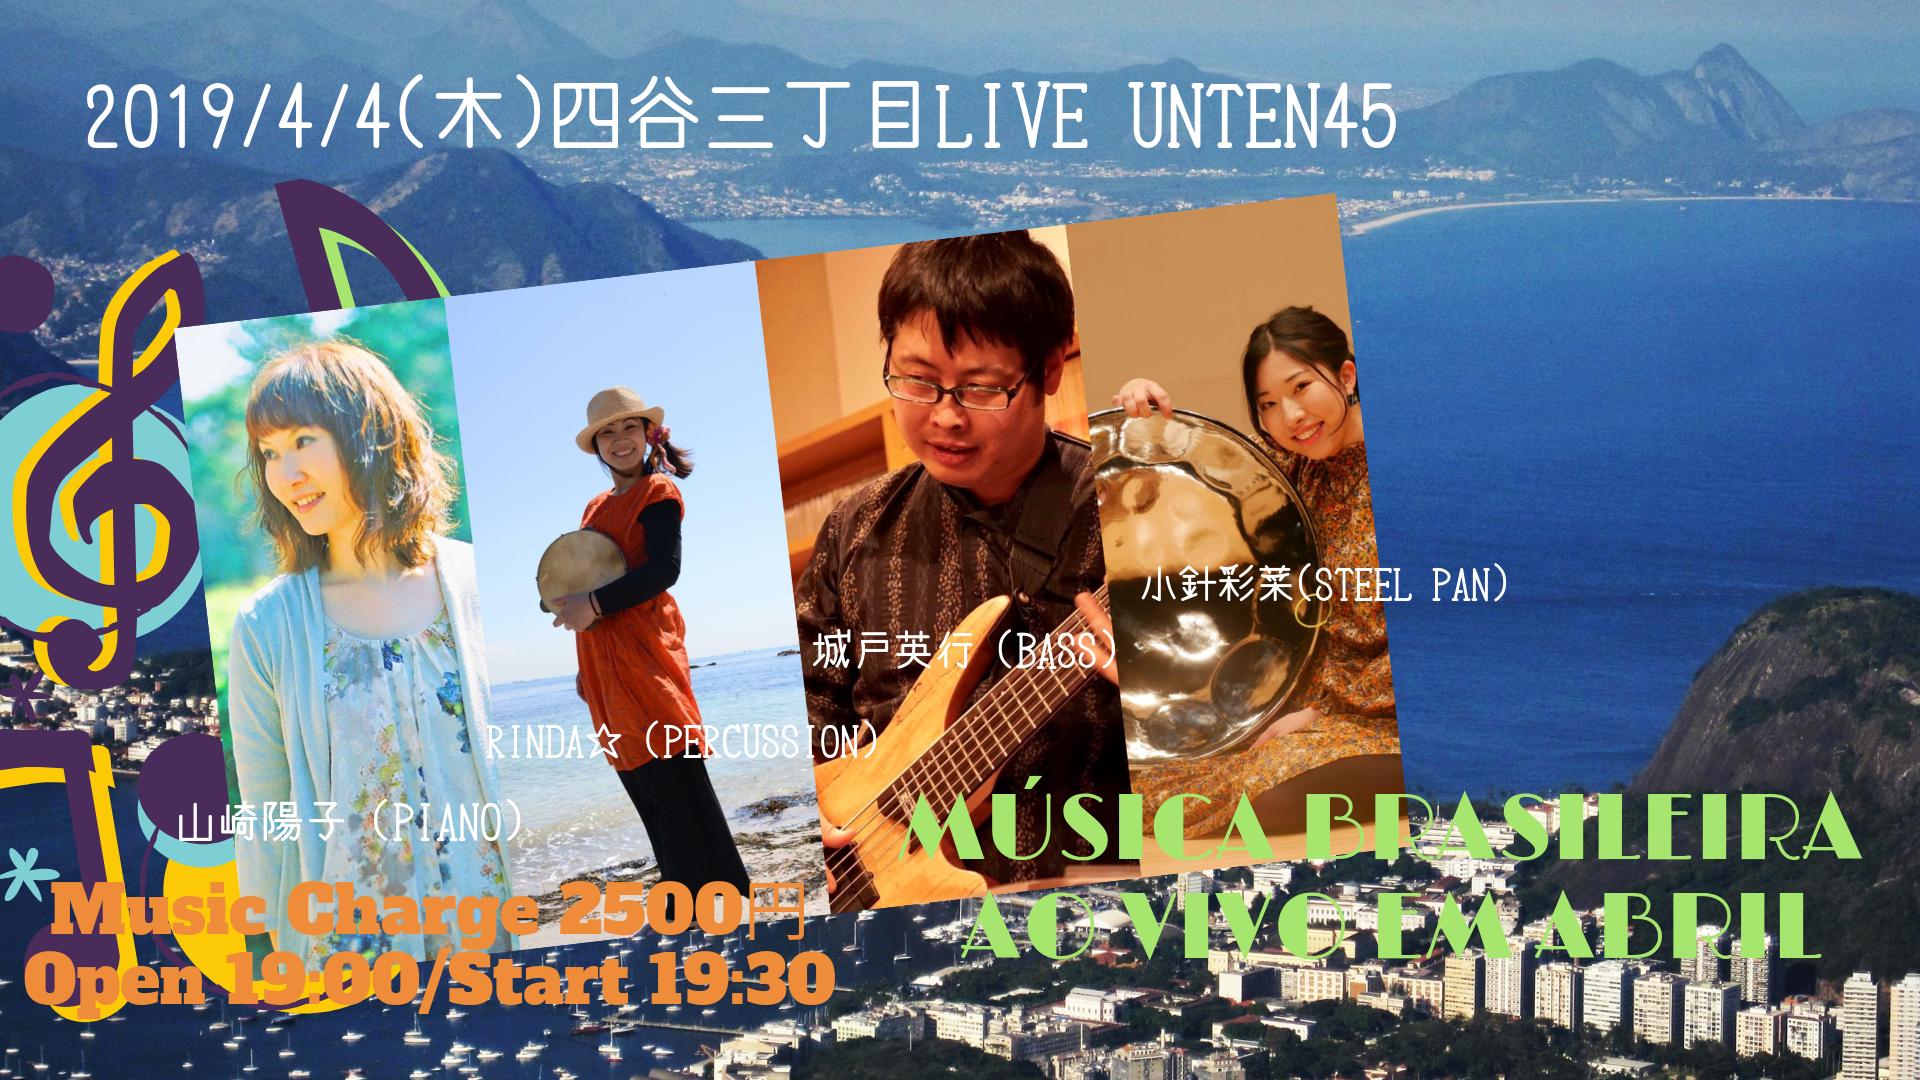 Música Brasileira ao vivo em Abril @ 四谷三丁目Live Unten45